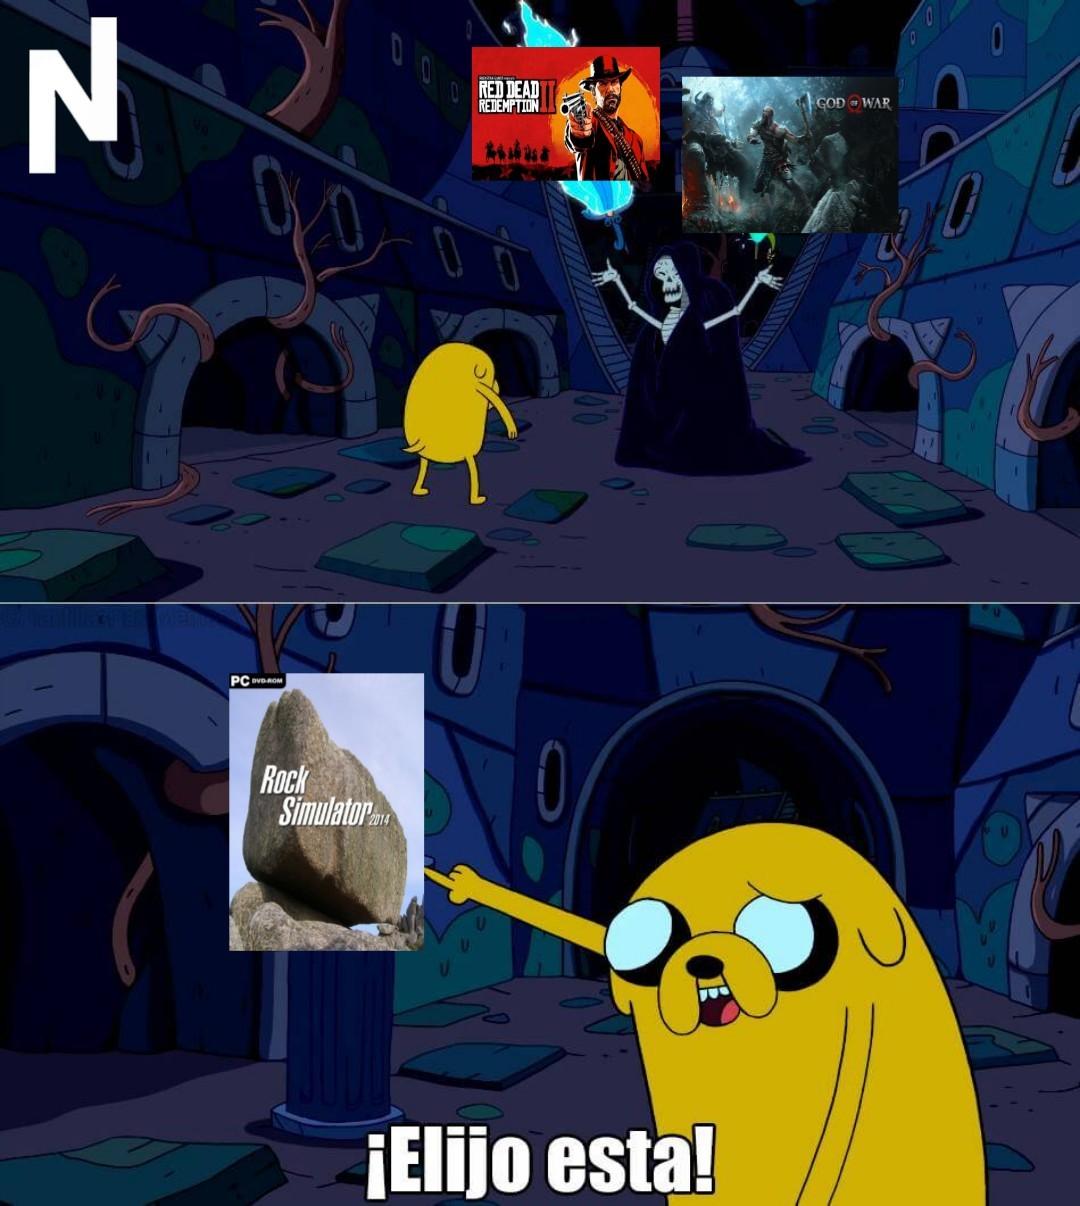 Por el final del juego me quedo con RDR 2 - meme